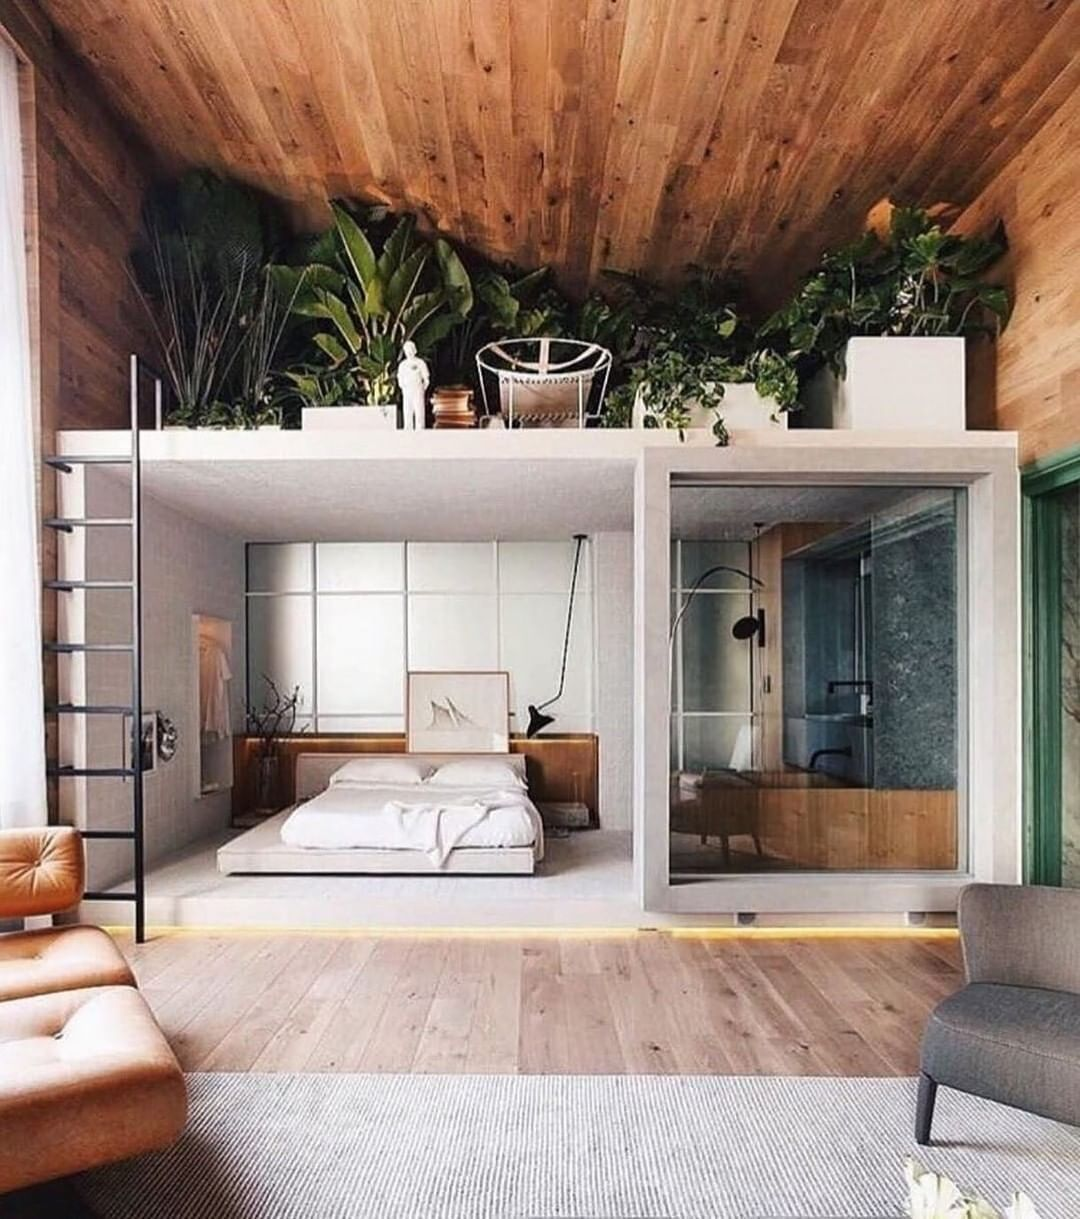 tendências de decoração de interiores (6)